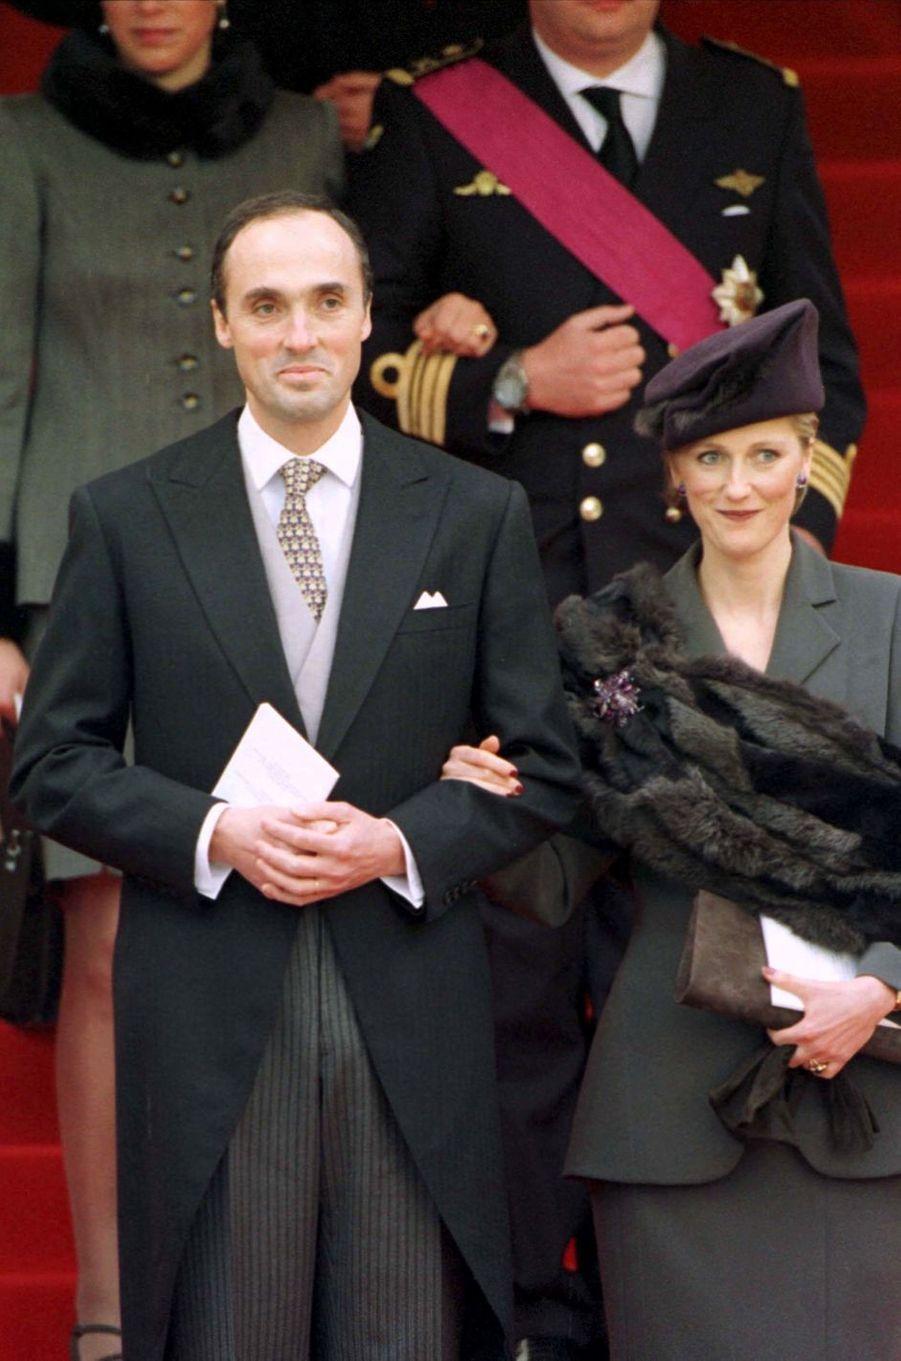 La princesse Astrid de Belgique et le prince Lorenz, à Bruxelles le 4 décembre 1999